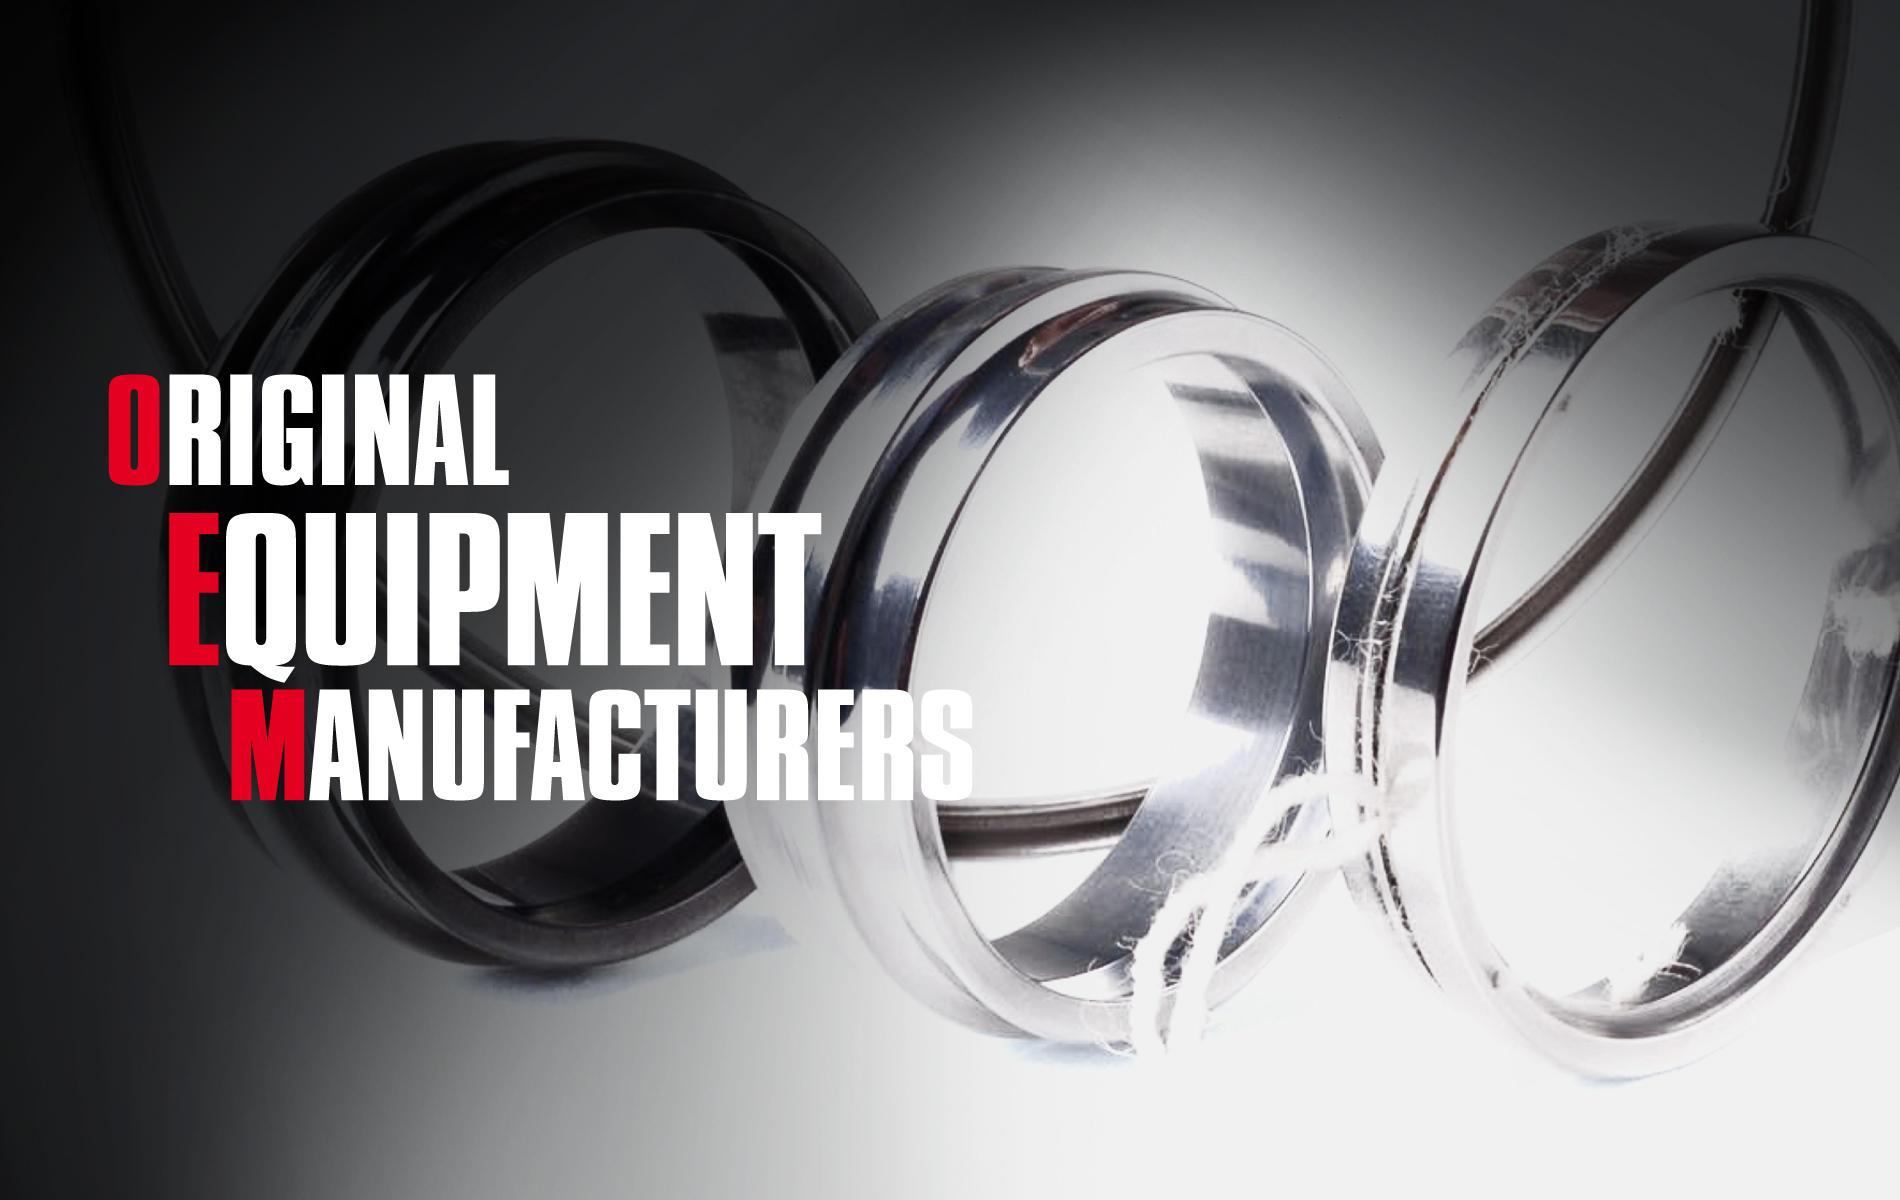 Original Equipment Manufacturer - OEM